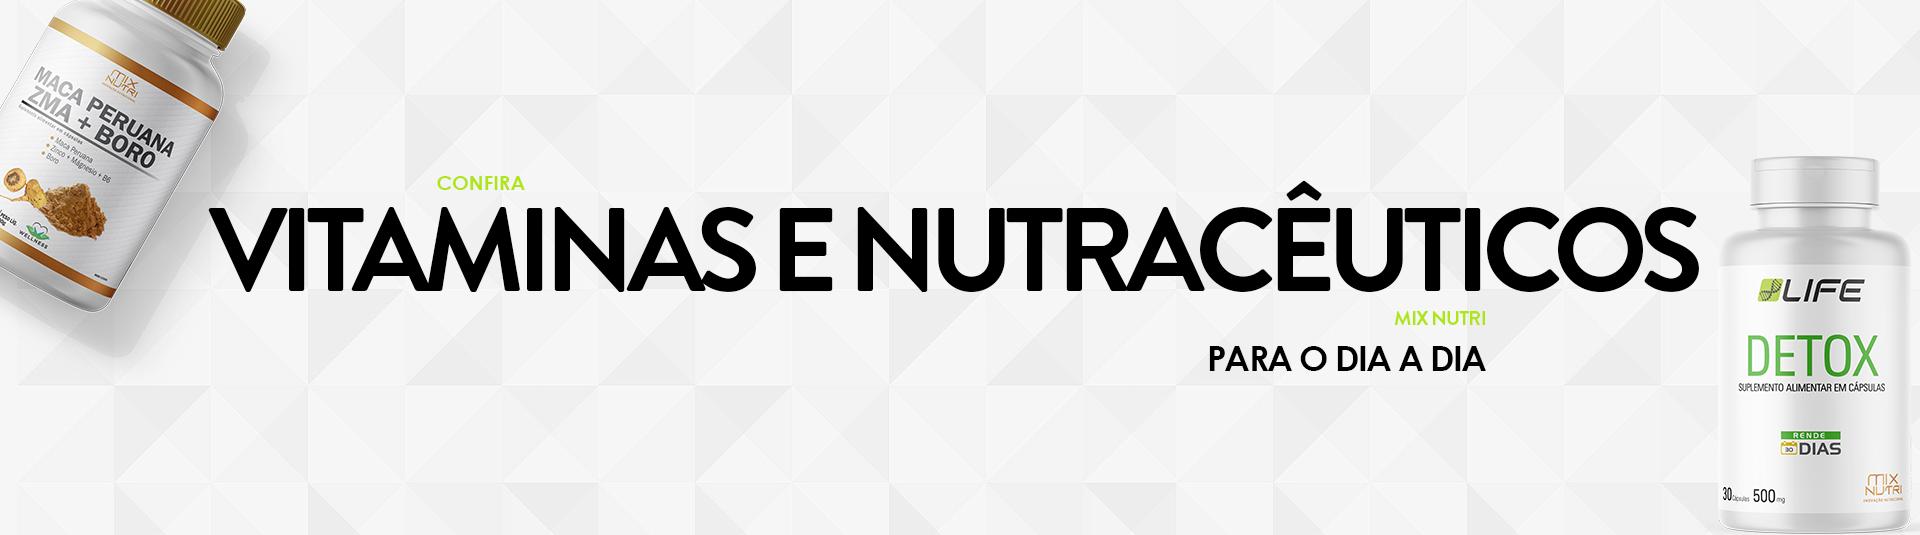 Vitaminas e Nutracêuticos